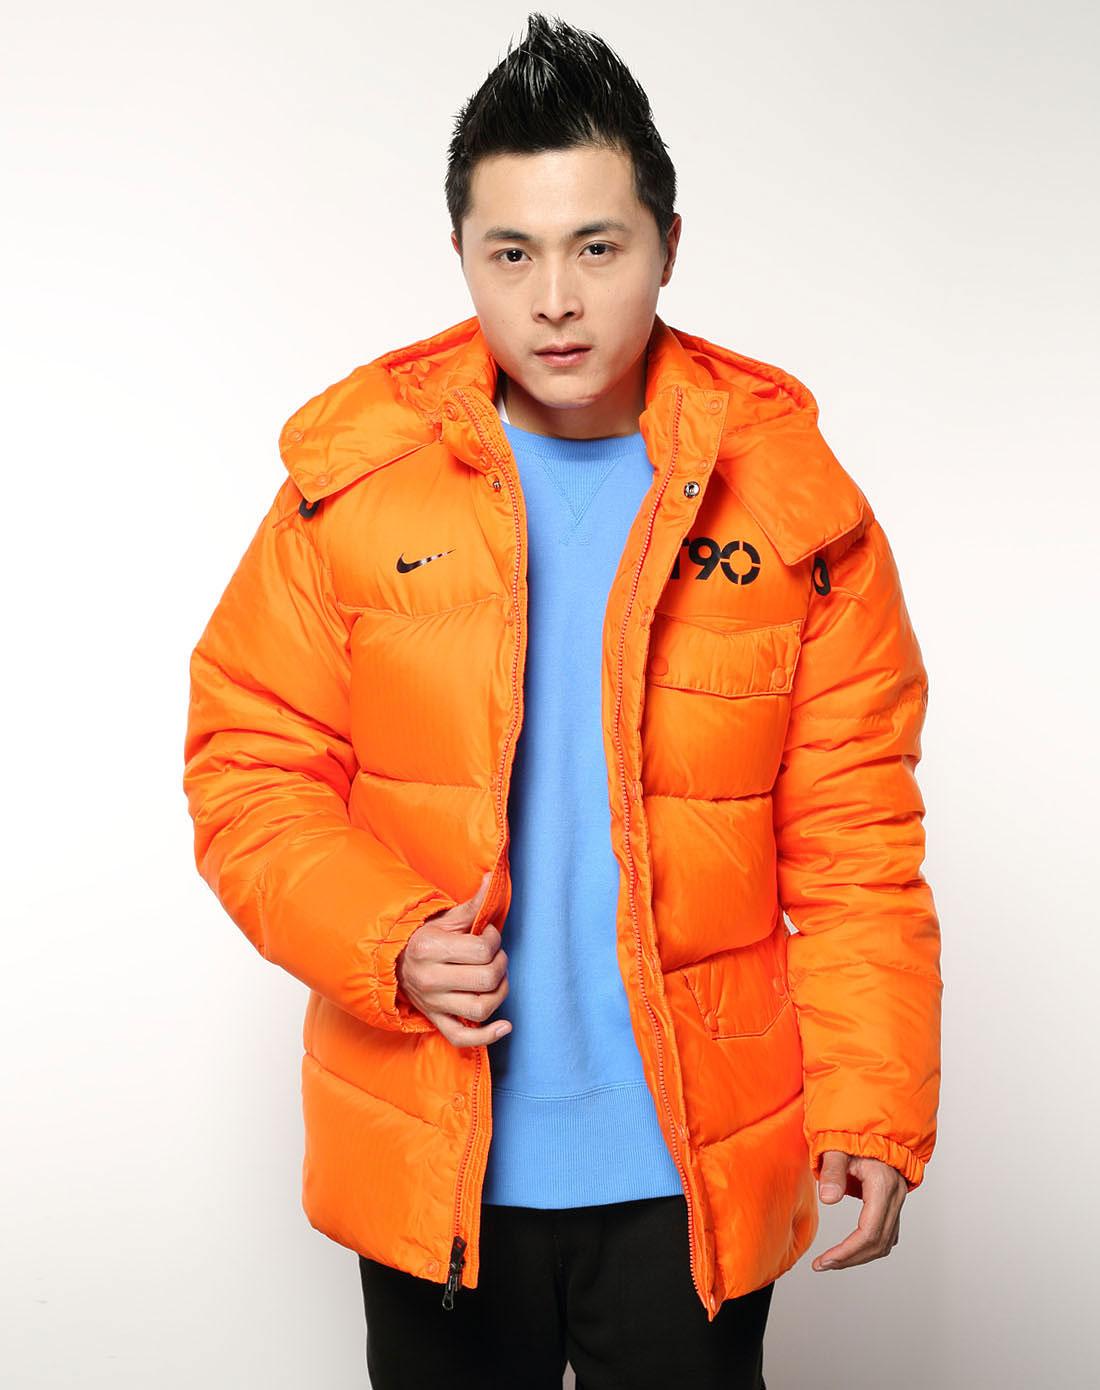 耐克nike足球系列男子橙色羽绒服434205-827